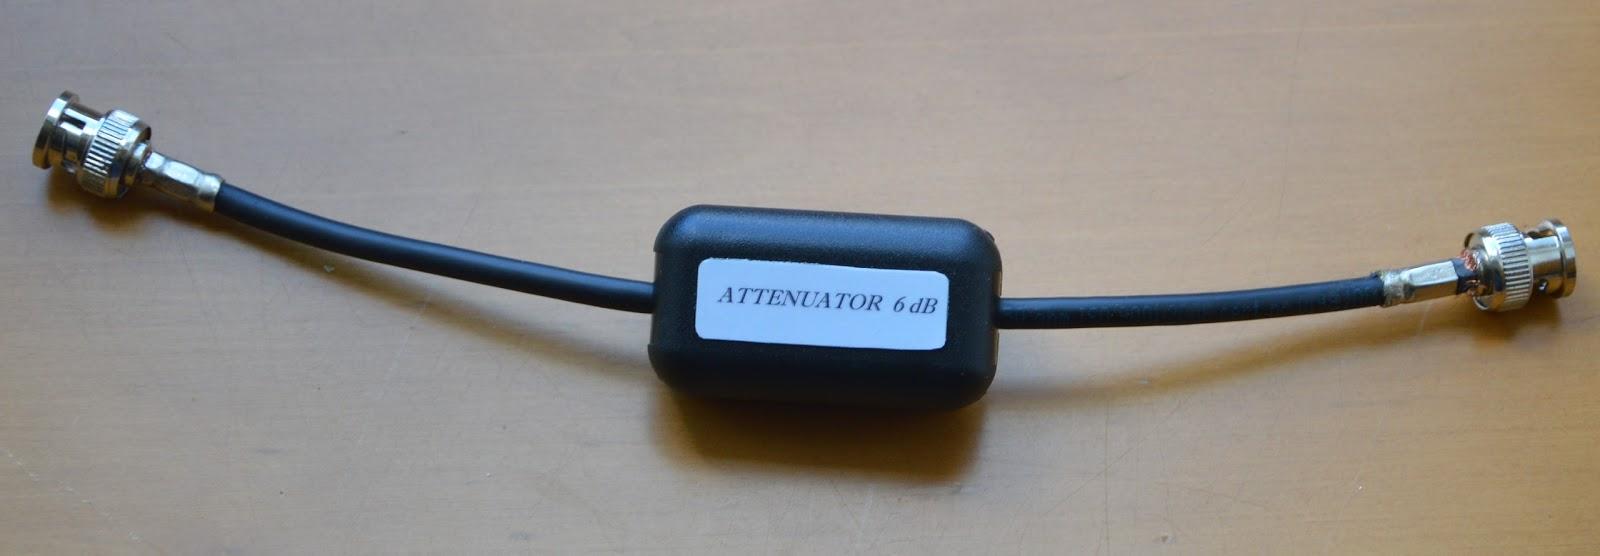 6 dB ateniuarorius